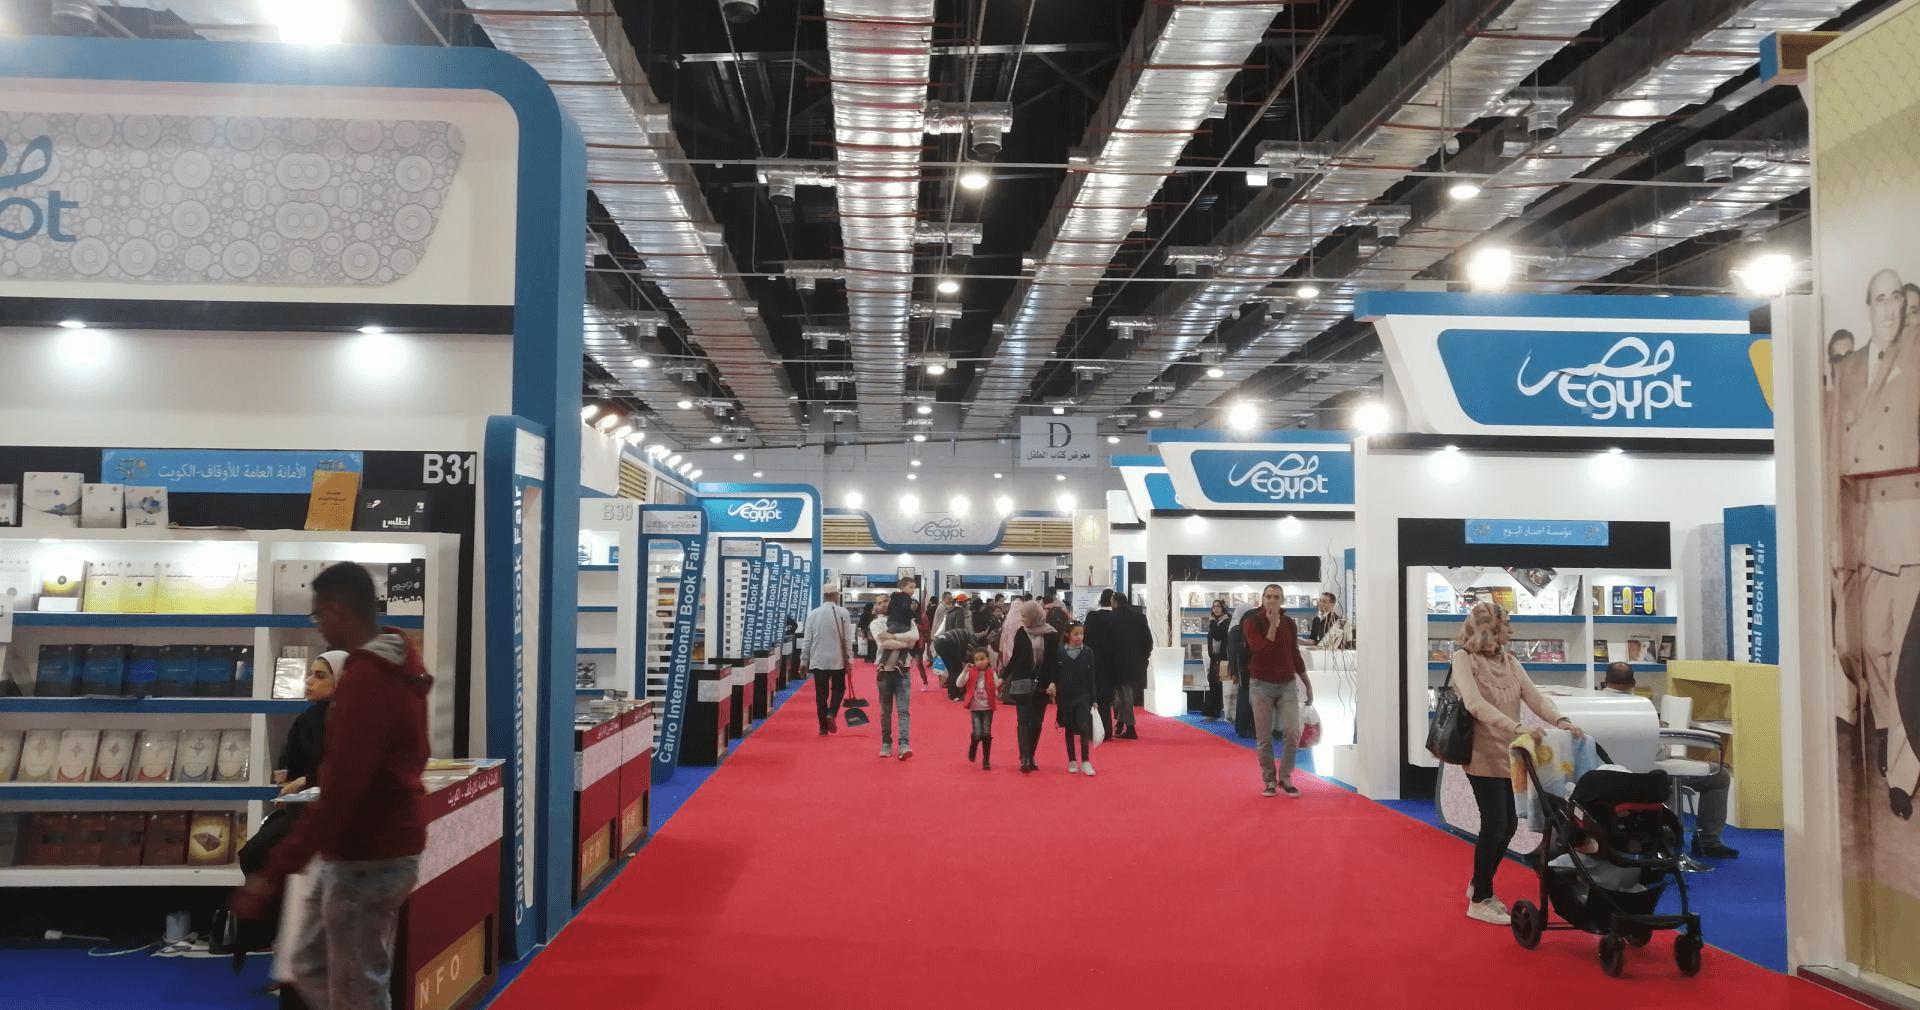 معرض القاهرة الدولي للكتاب بمقره الجديد بمركز مصر للمعارض الدولية بالقاهرة الجديدة